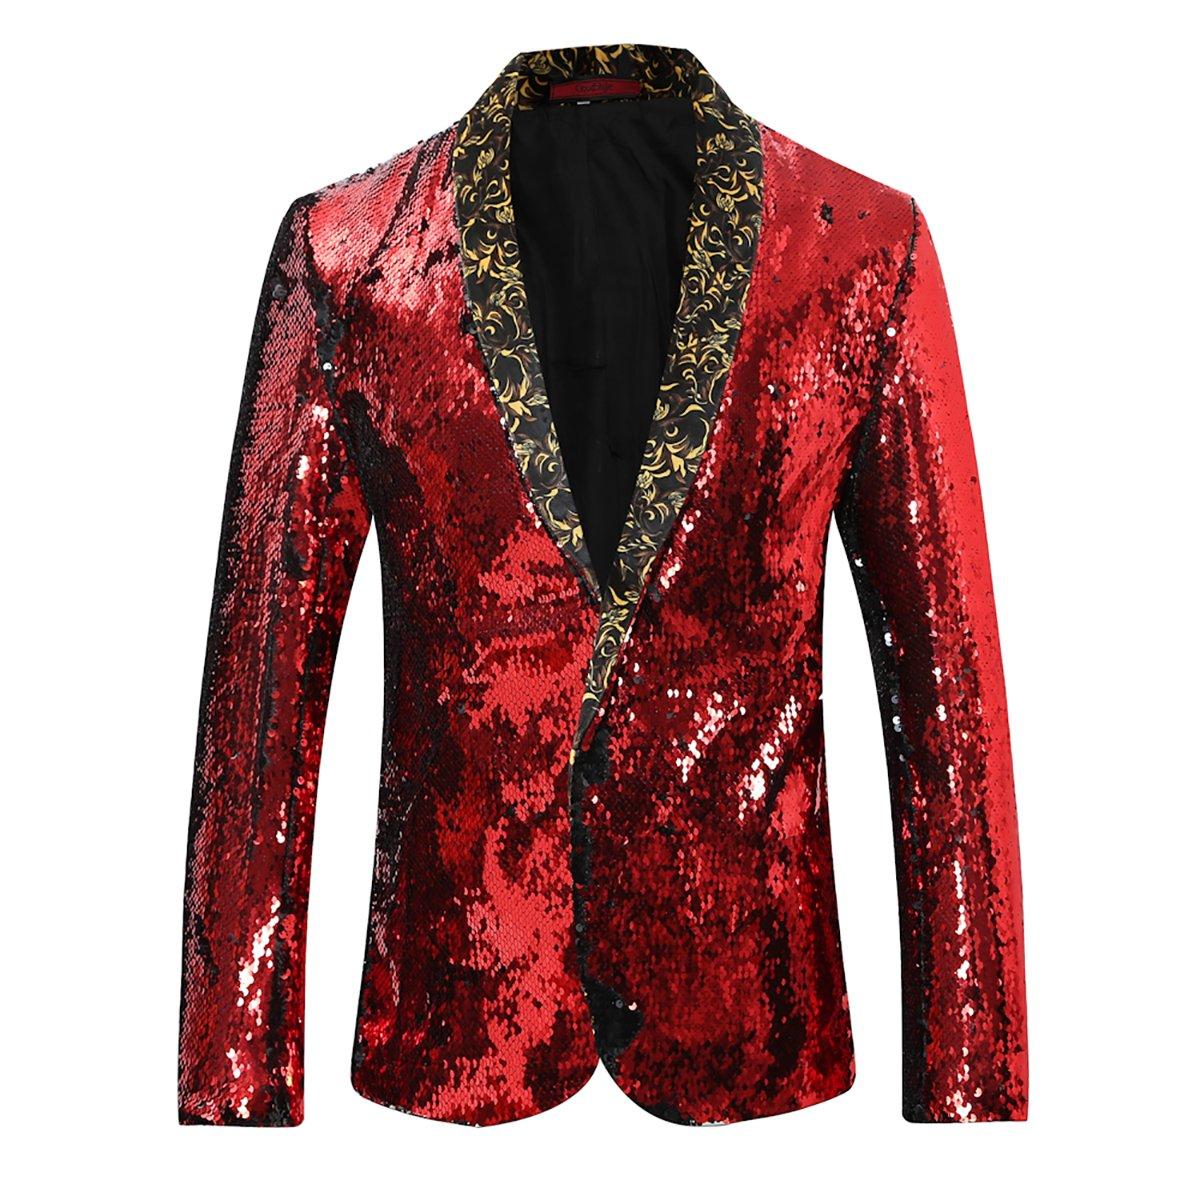 Cloudstyle Men's Sport Coat Slim Fit Notched Lapel Sequins Dance Party Blazer Jacket,Red-black,Medium